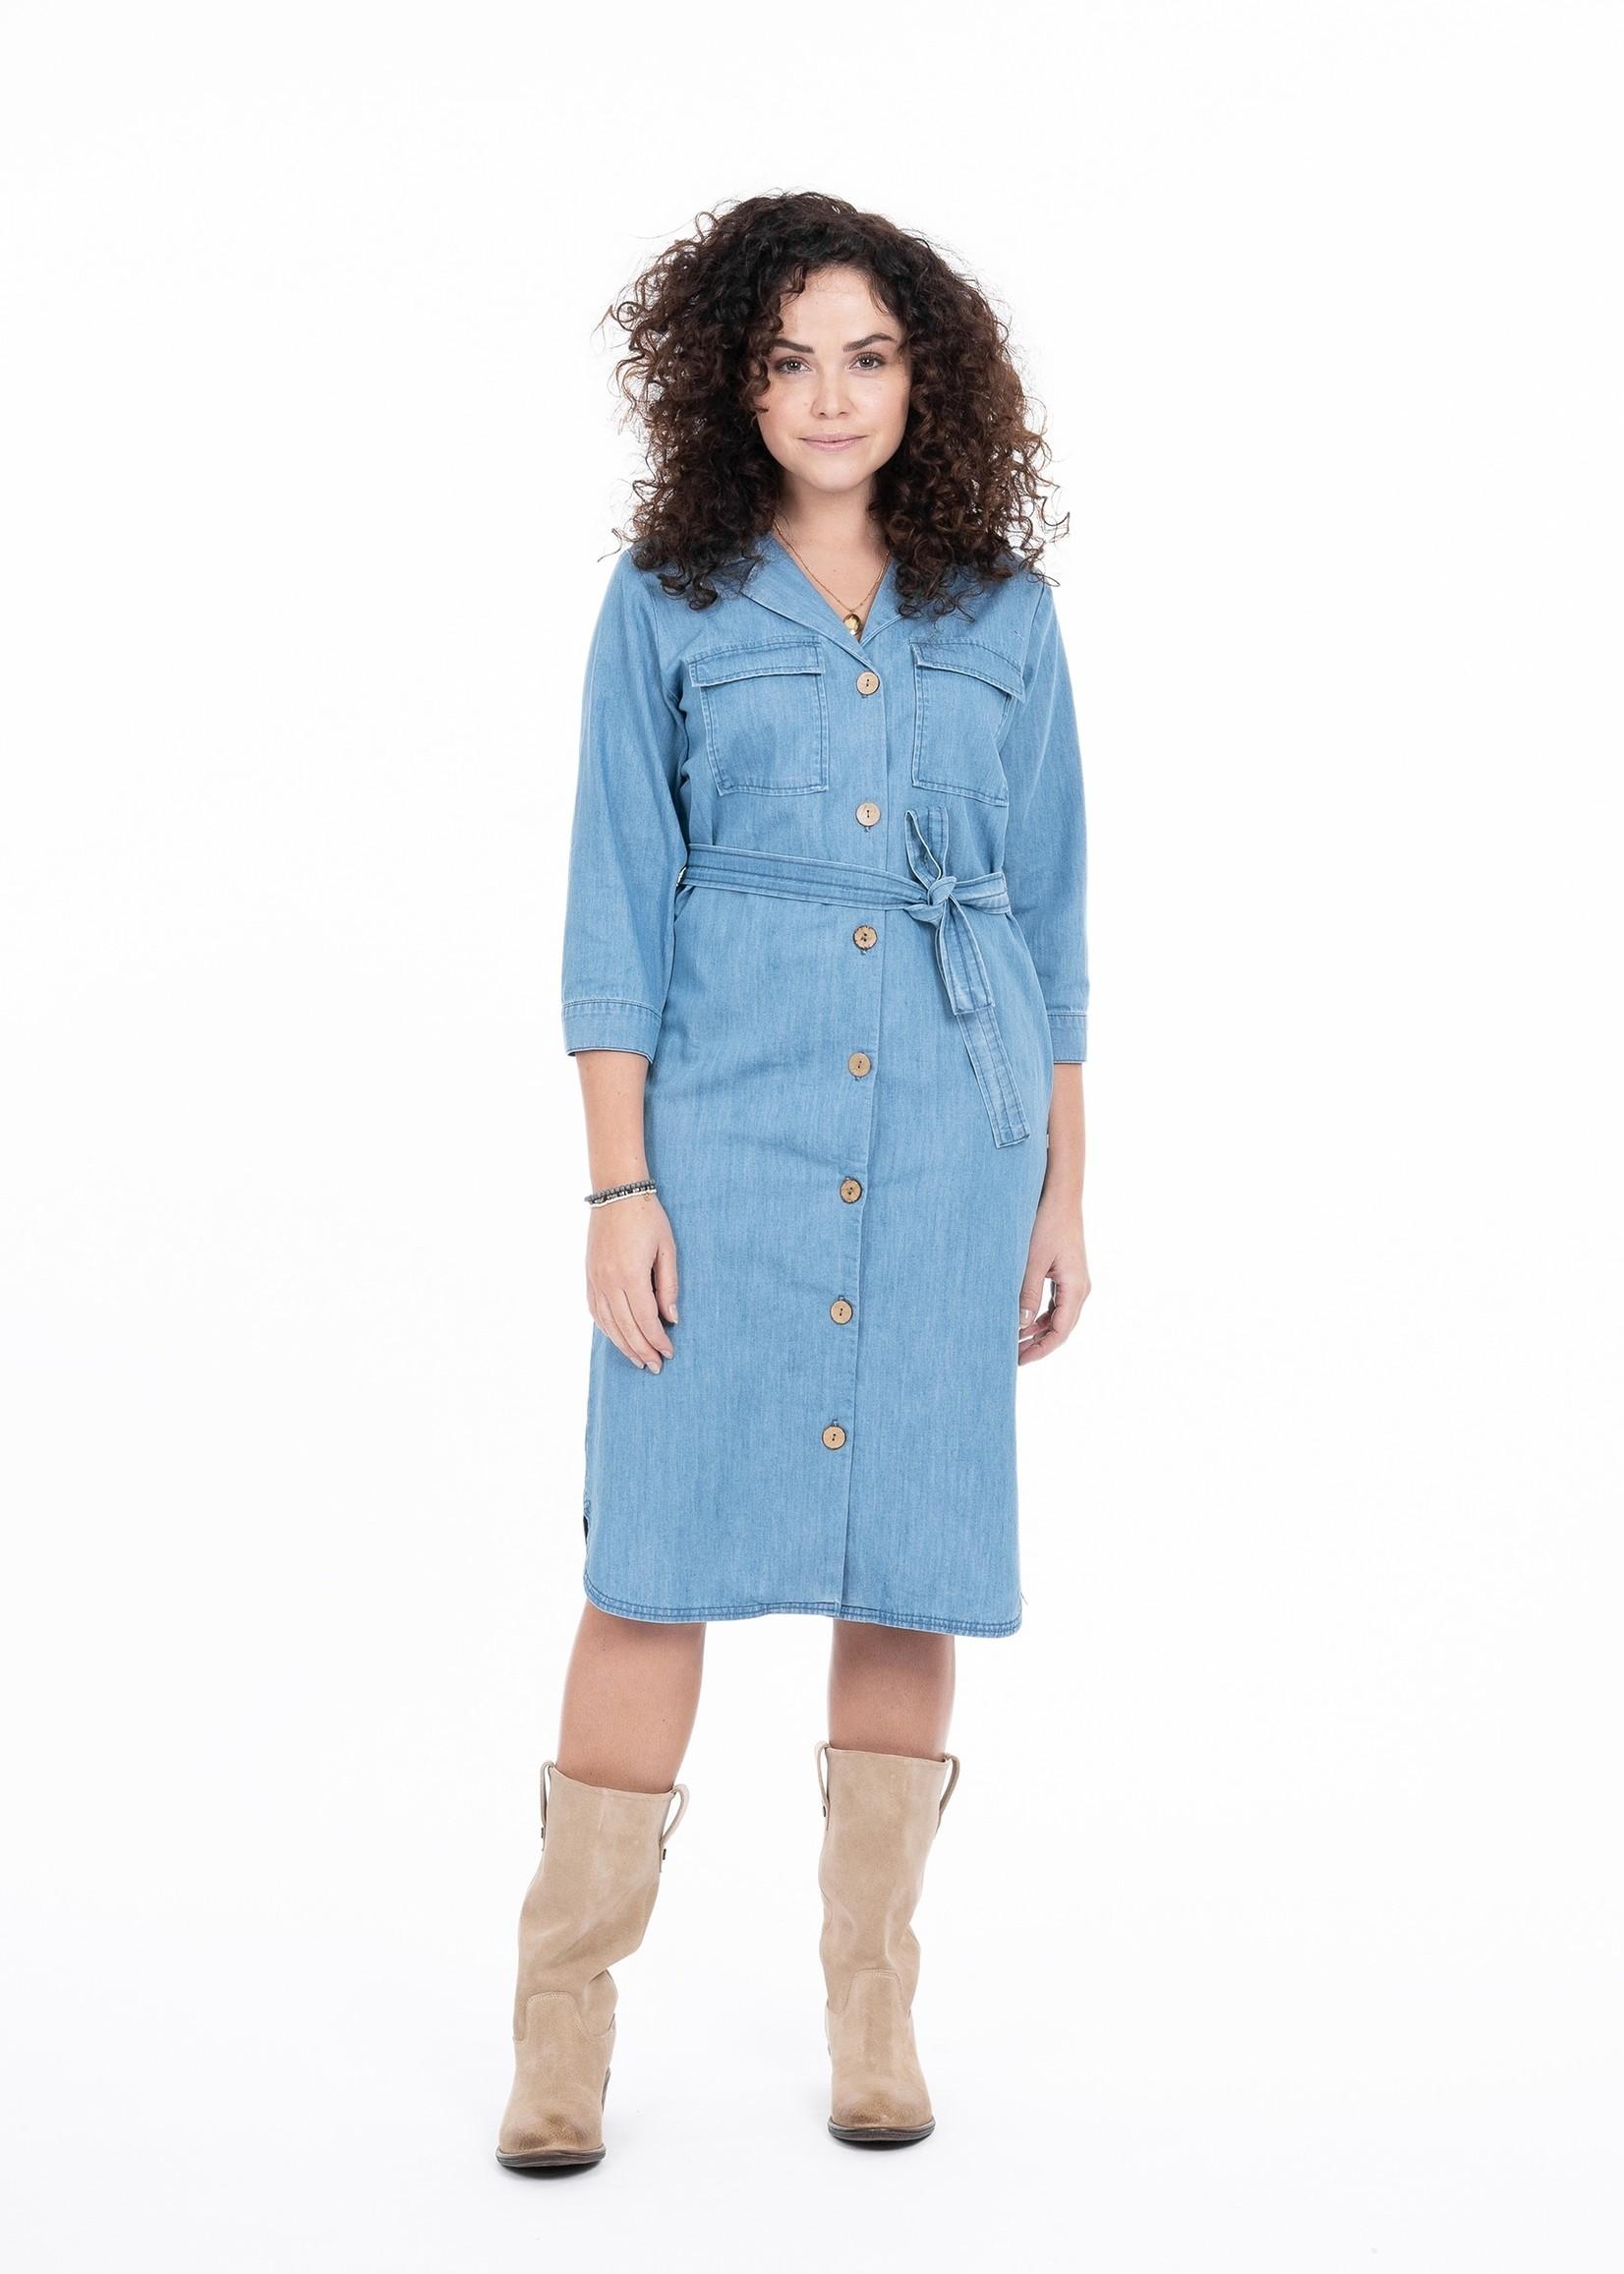 ZUSSS doorknoopjurk jeans lichtblauw